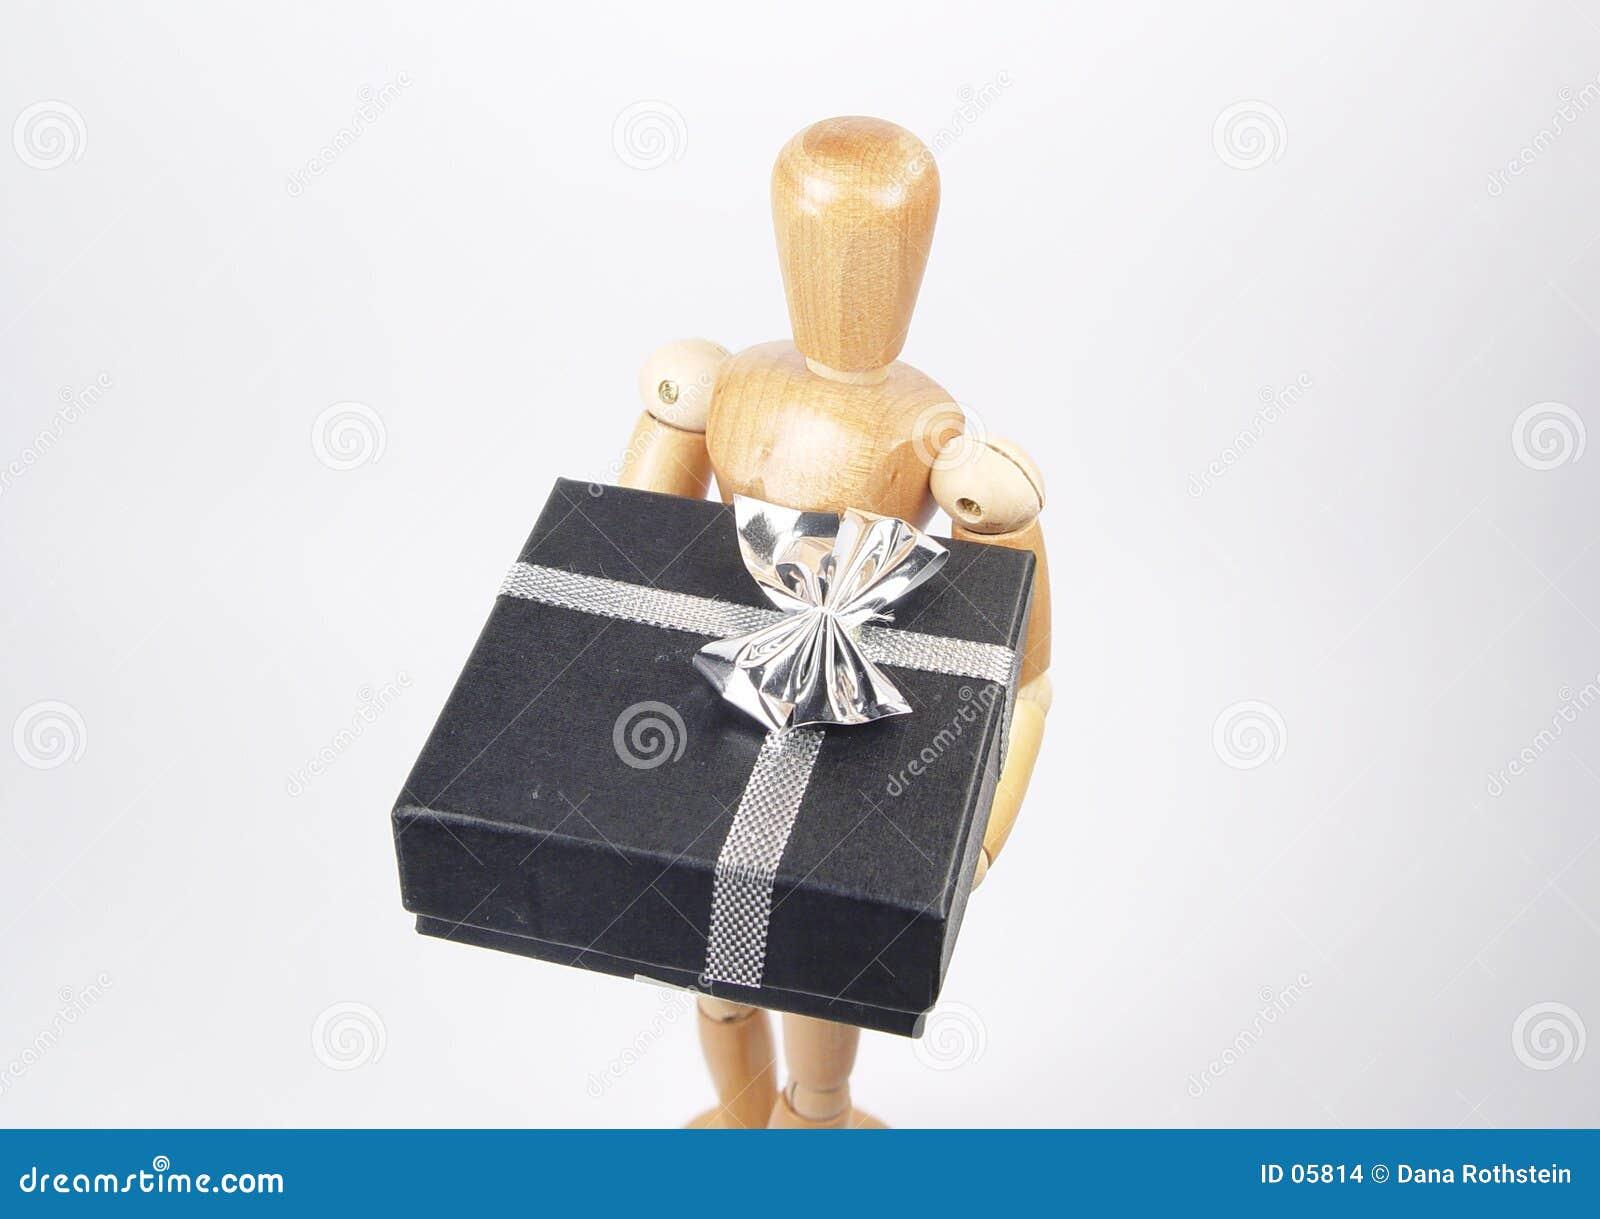 Art Mannequin Holding Gift